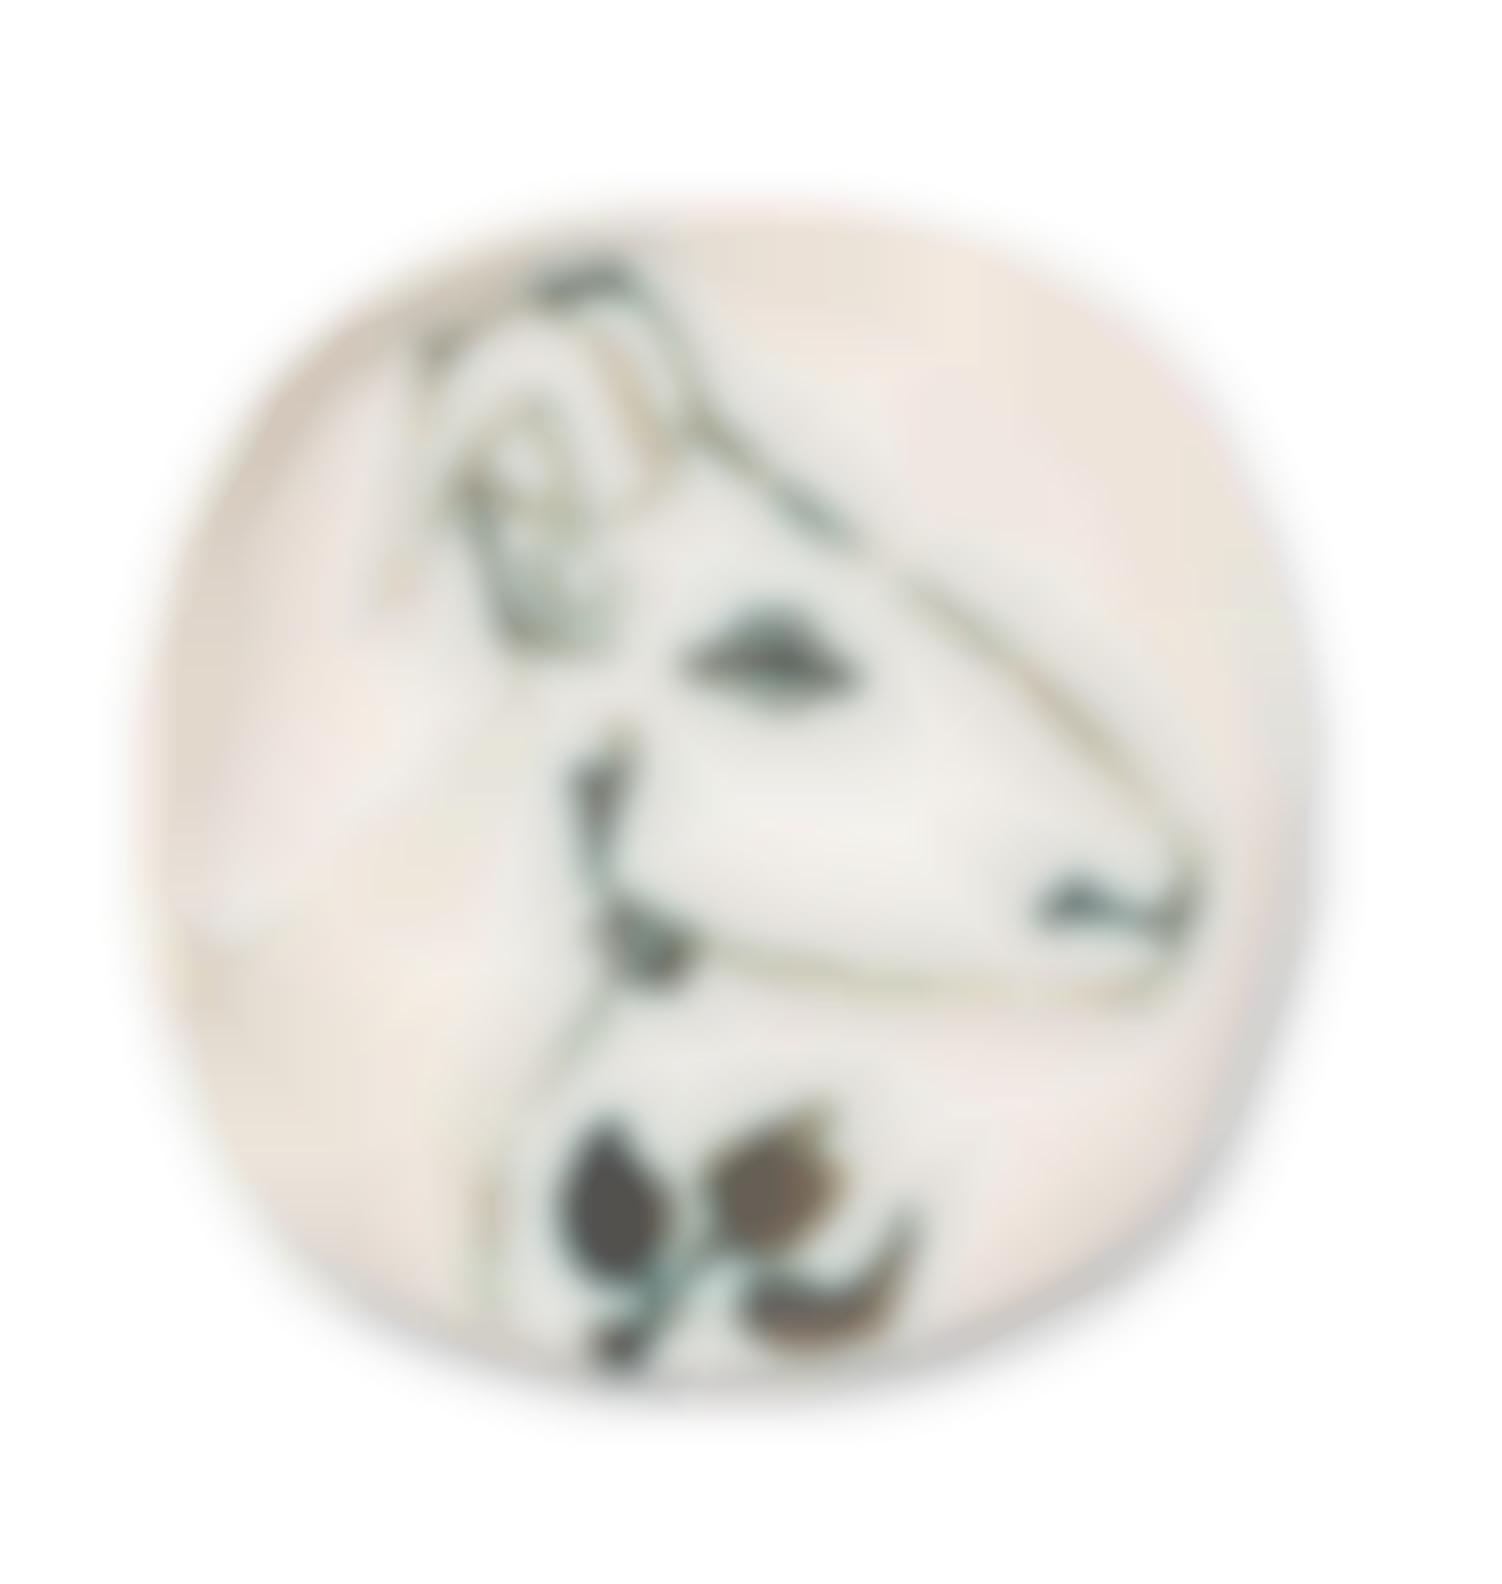 Pablo Picasso-Goats Head In Profile (A.R.106)-1950